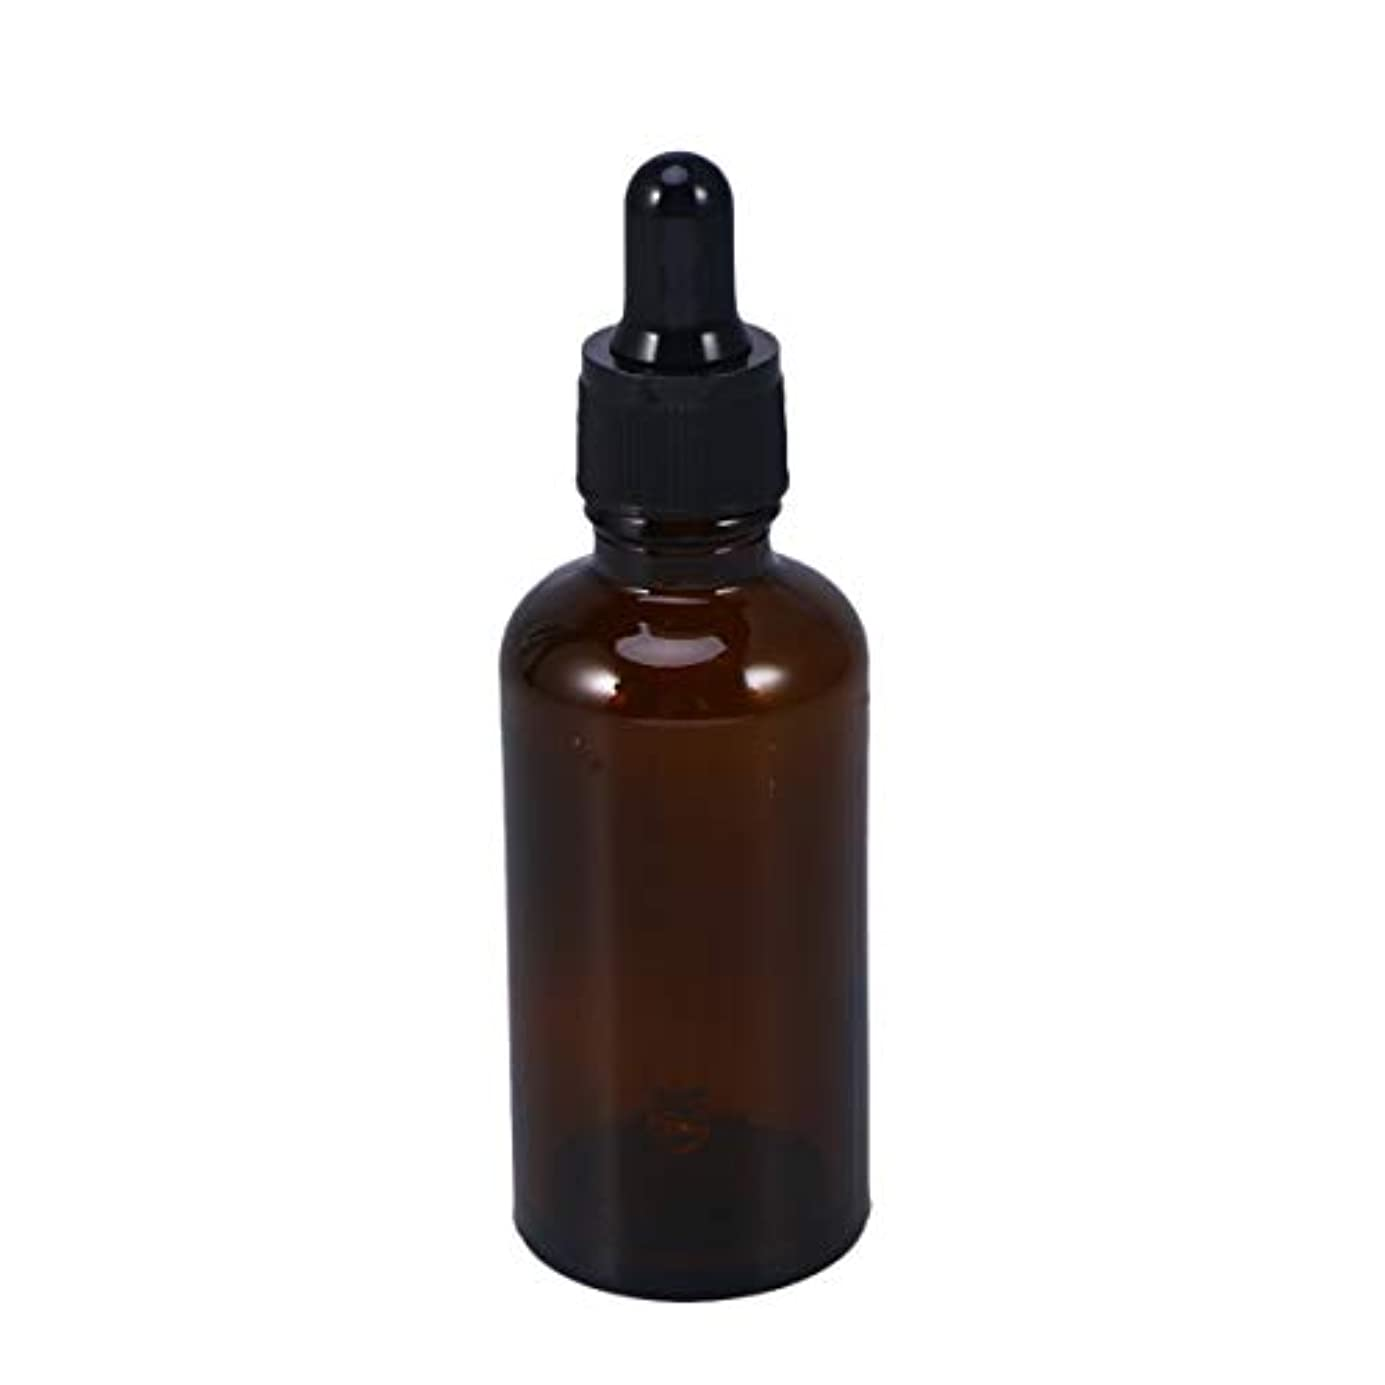 のみできれば鎮静剤Frcolor 遮光瓶 スポイト遮光瓶 50ml スポイト付き アロマボトル エッセンシャルオイル 香水 保存容器 ガラス製 茶色 5本セット